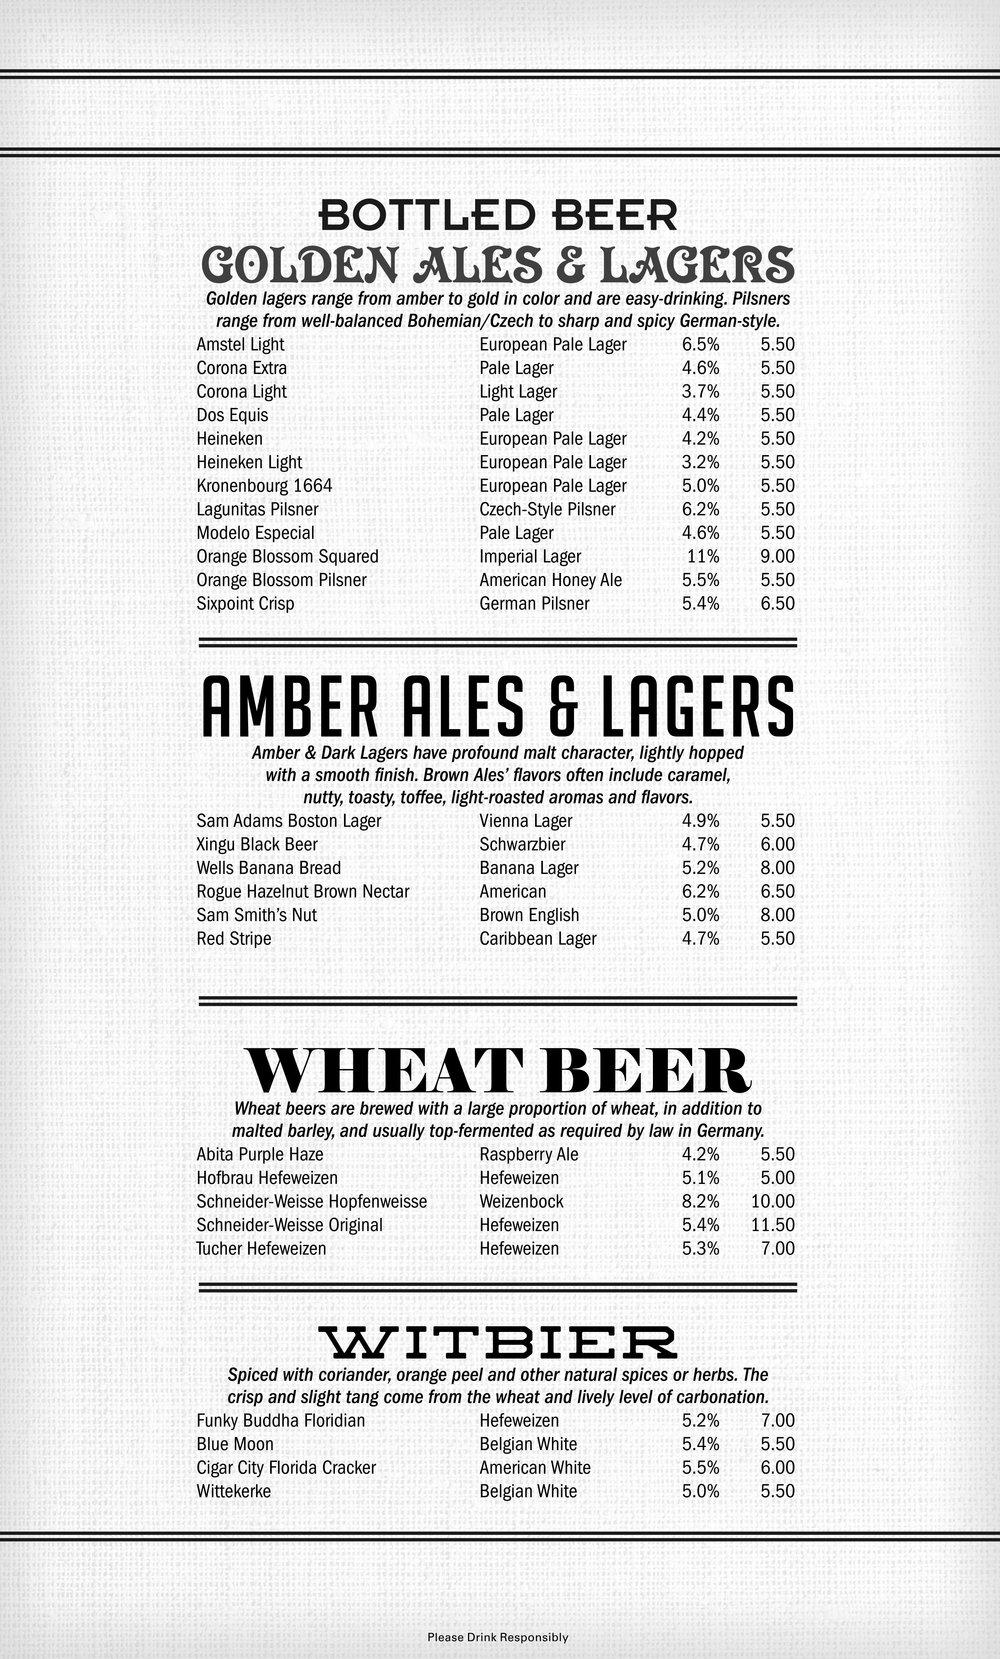 bottled beer page 1 jpg.jpg